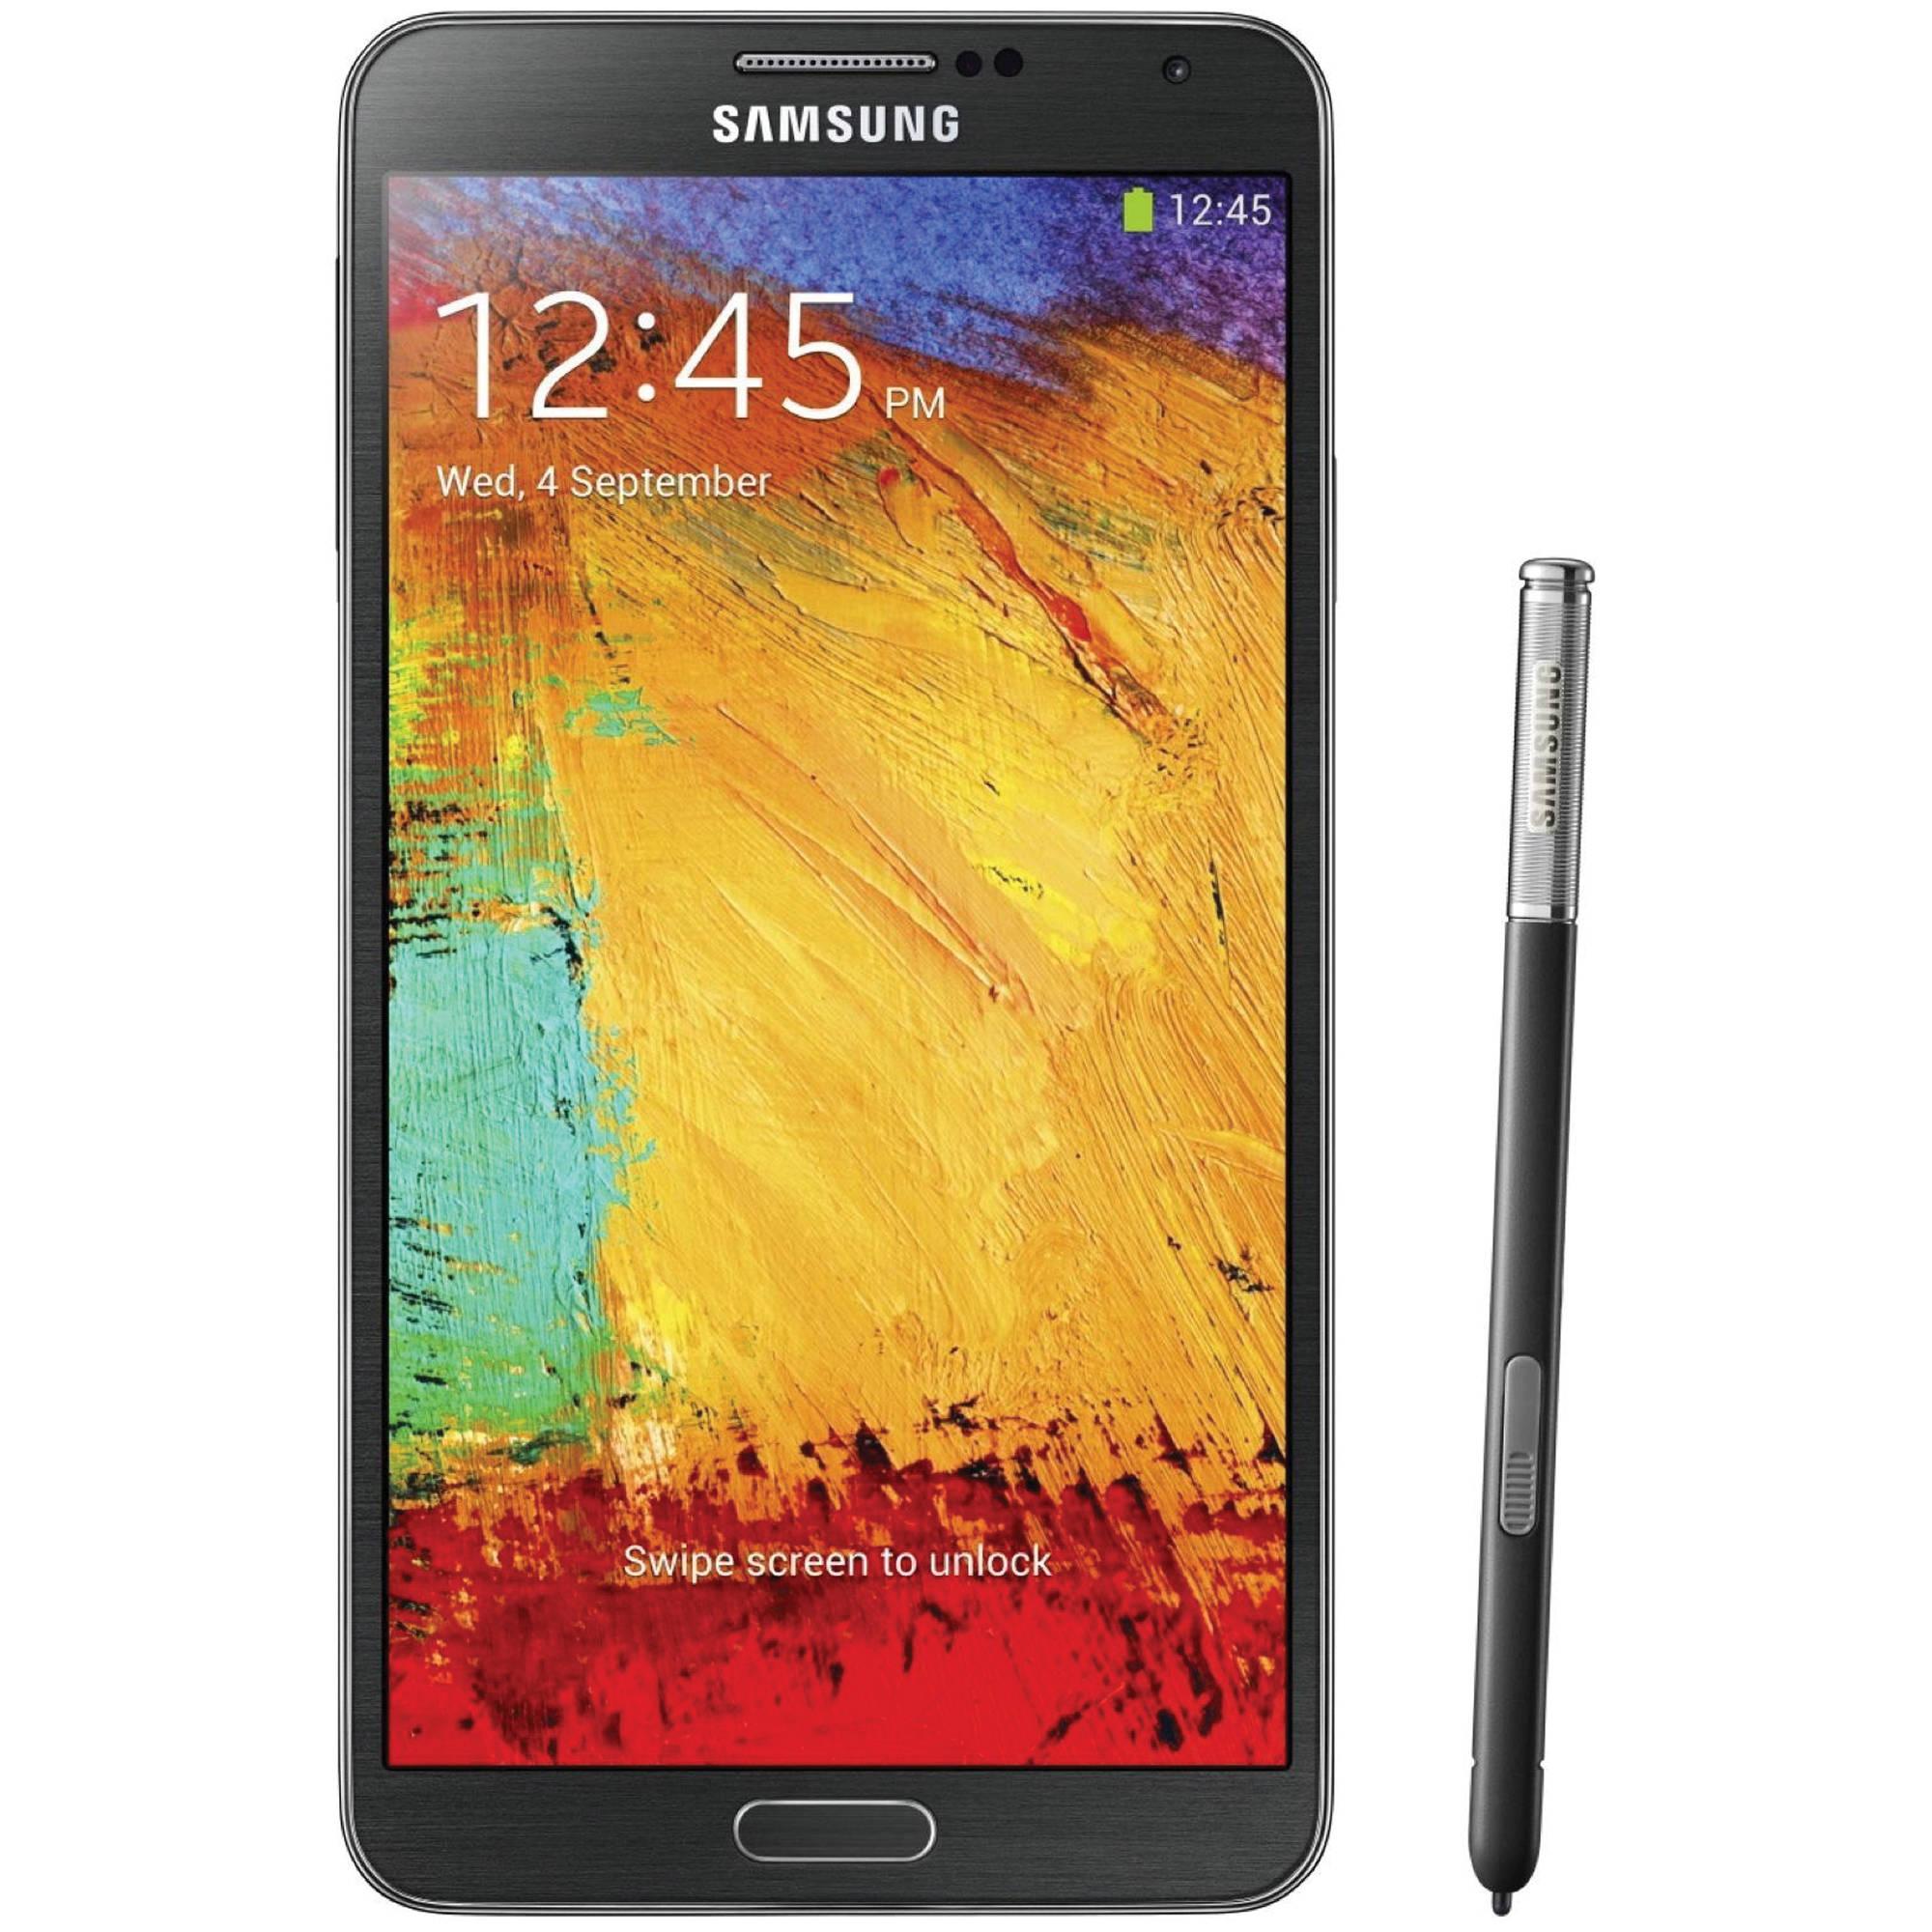 Samsung SM-N7500Q Image